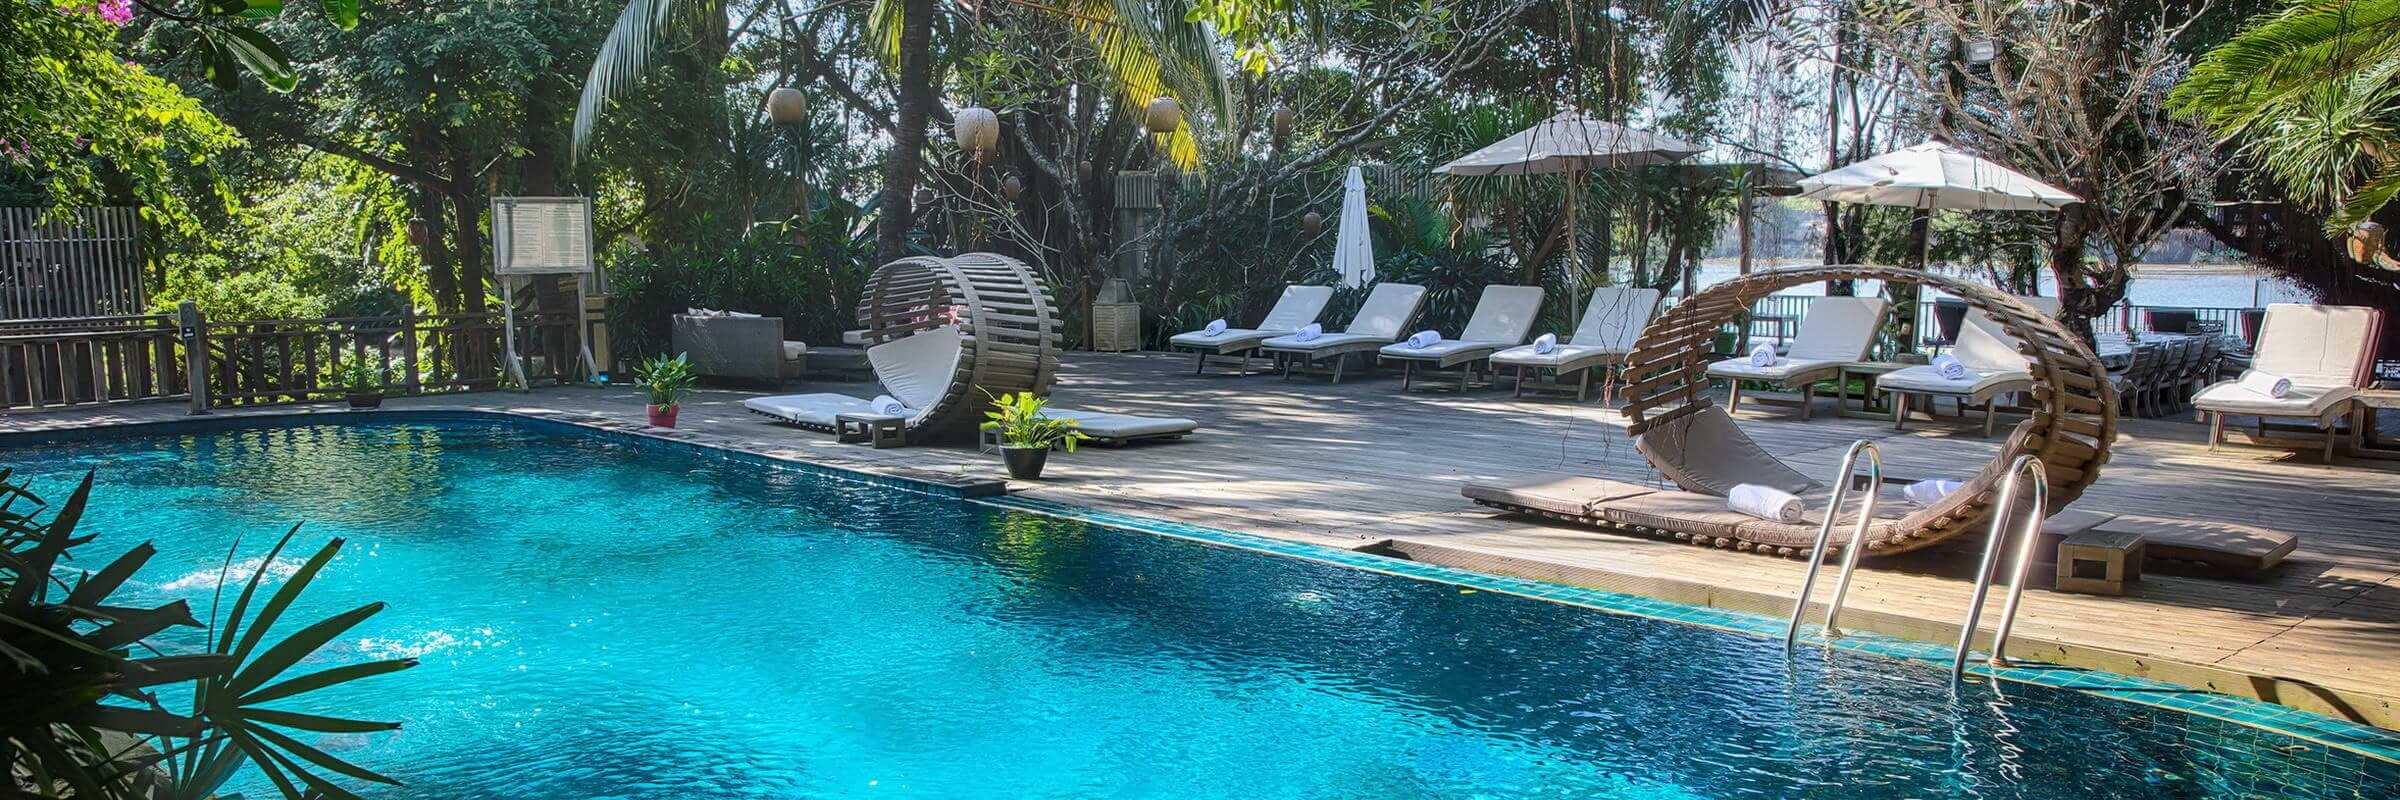 Der einladende Pool mit harmonischer Sonnenterasse des An Lam Retreats Saigon River Boutique-Hotel